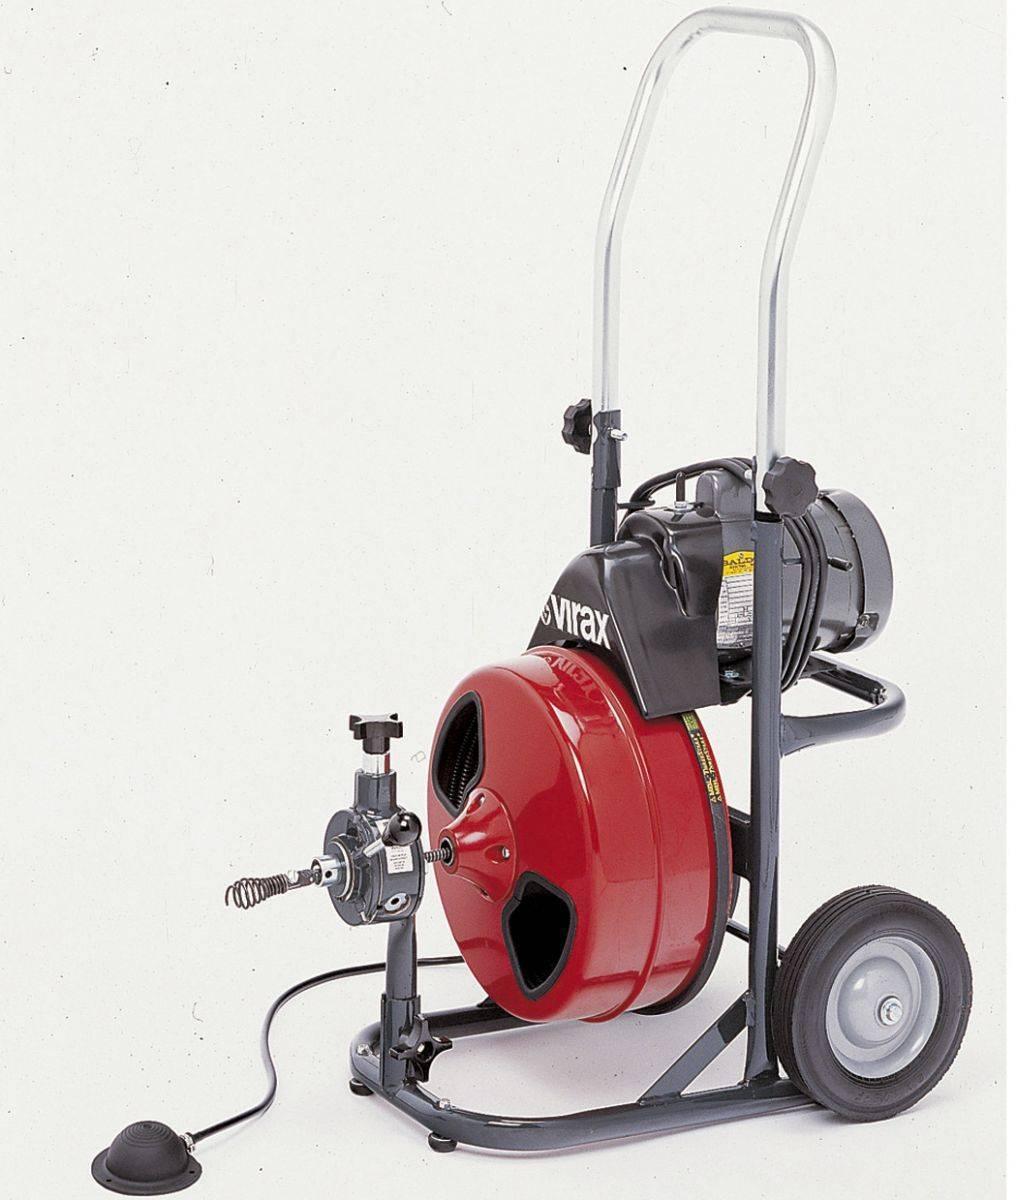 Трос для прочистки канализационных труб: особенности конструкции